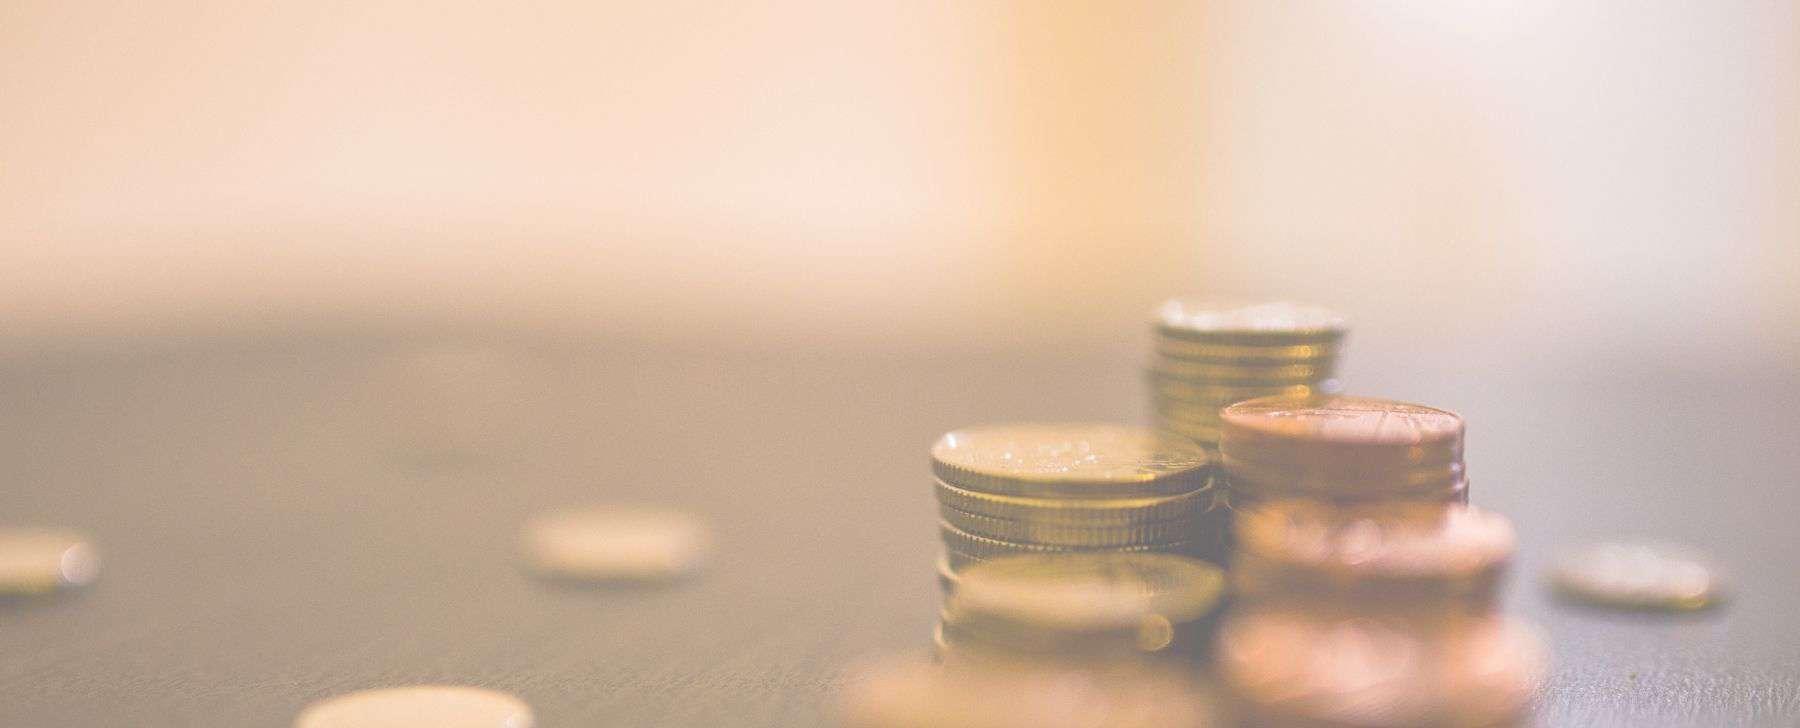 إدارة الأموال والادخار